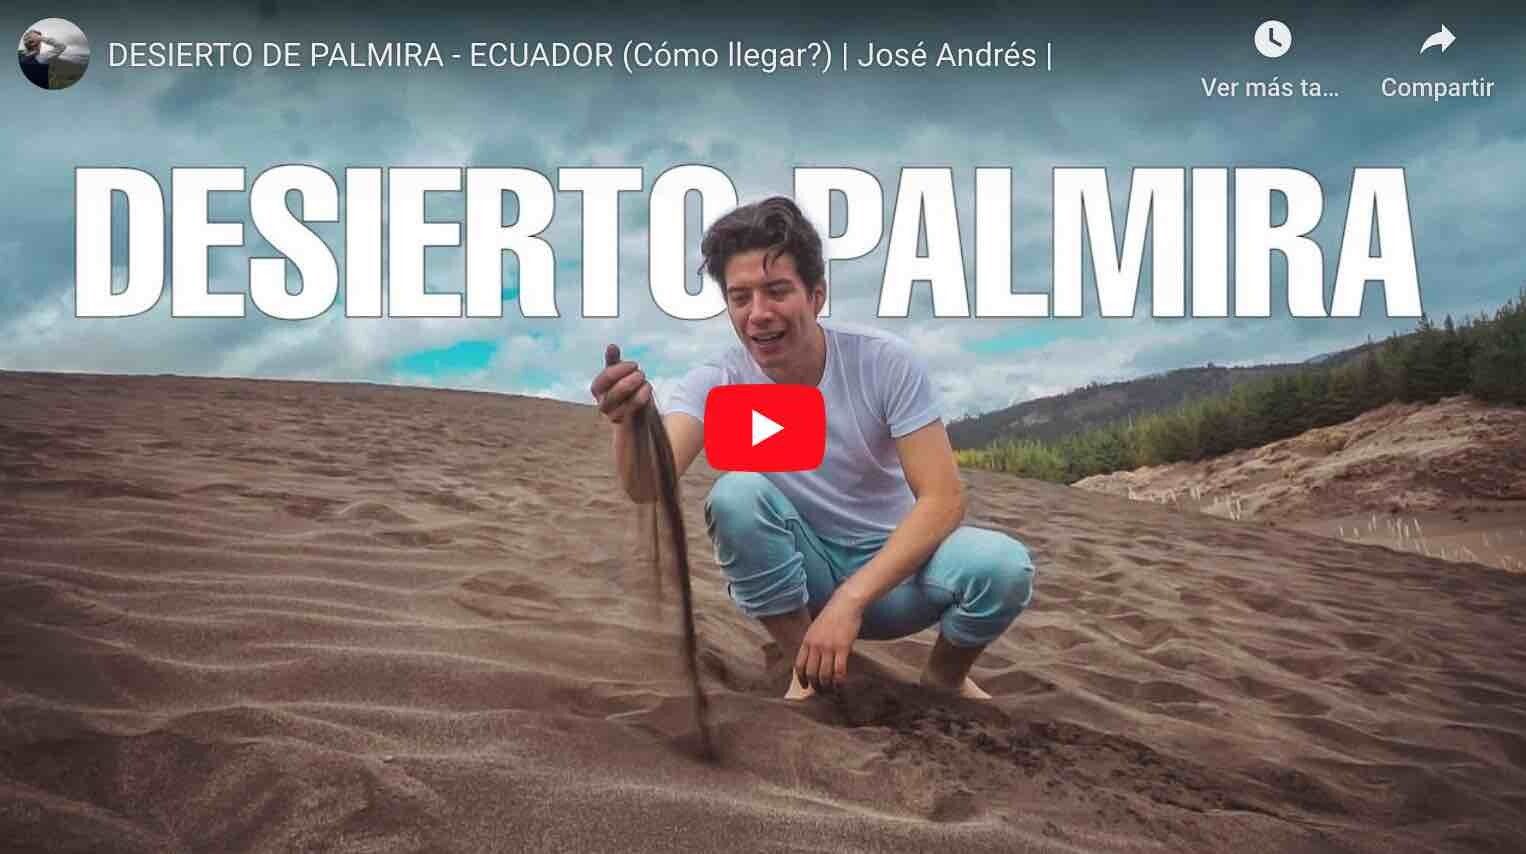 VIDEO: Conoce el Desierto Palmira en Chimborazo